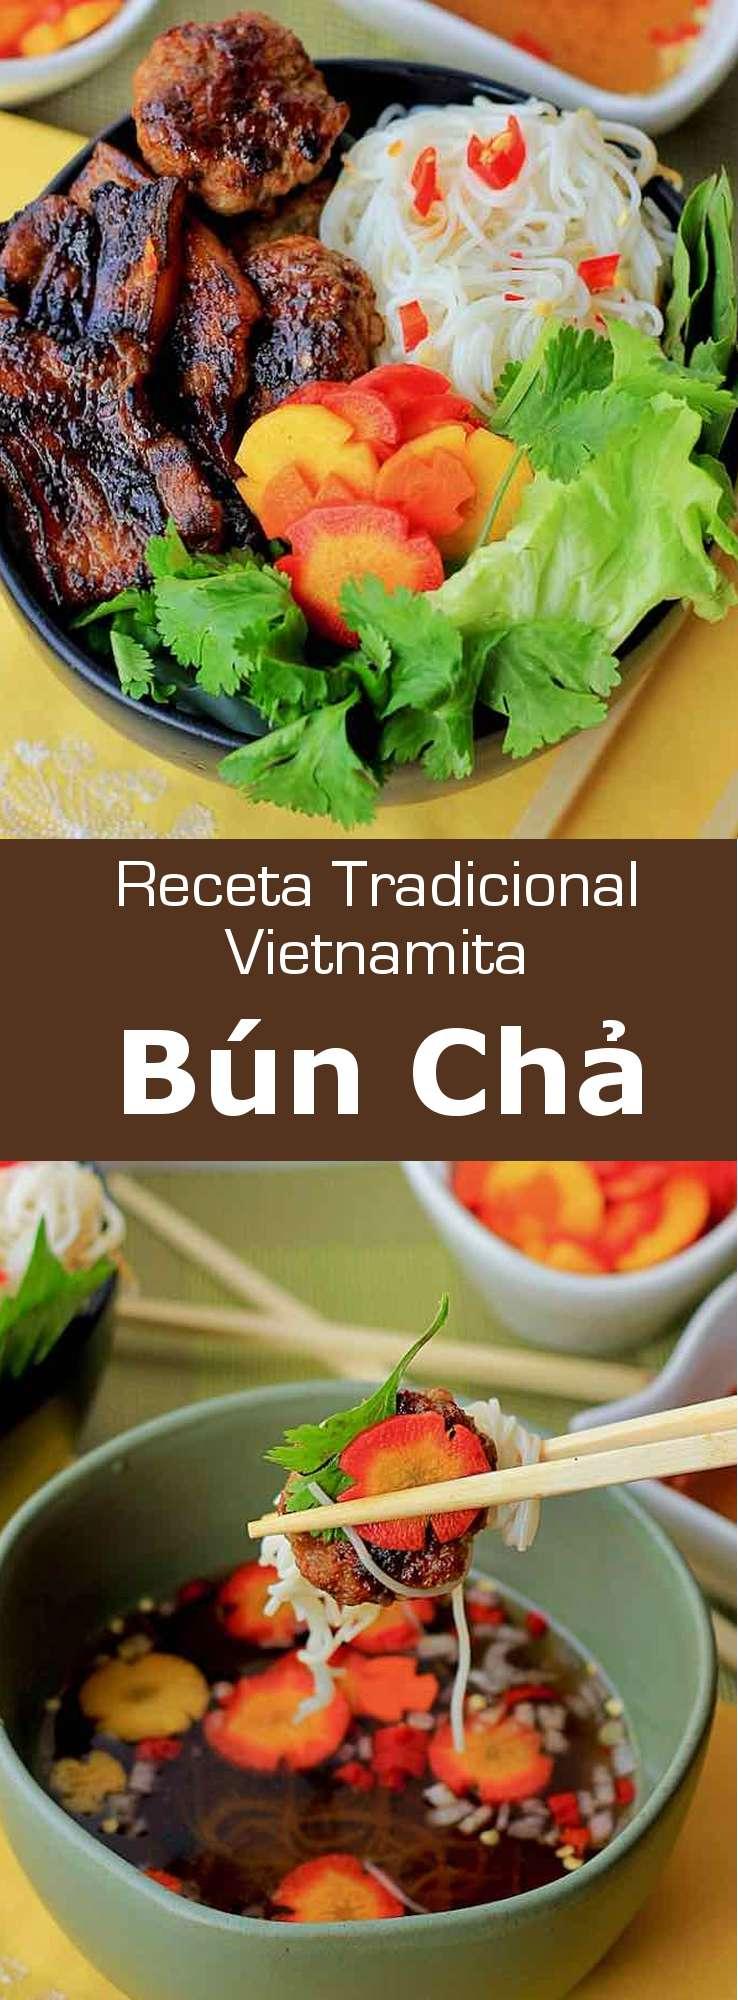 El bún chả es un delicioso plato vietnamita hecho de carne de cerdo a la parrilla con fideos de arroz que se sirve acompañado de una salsa.